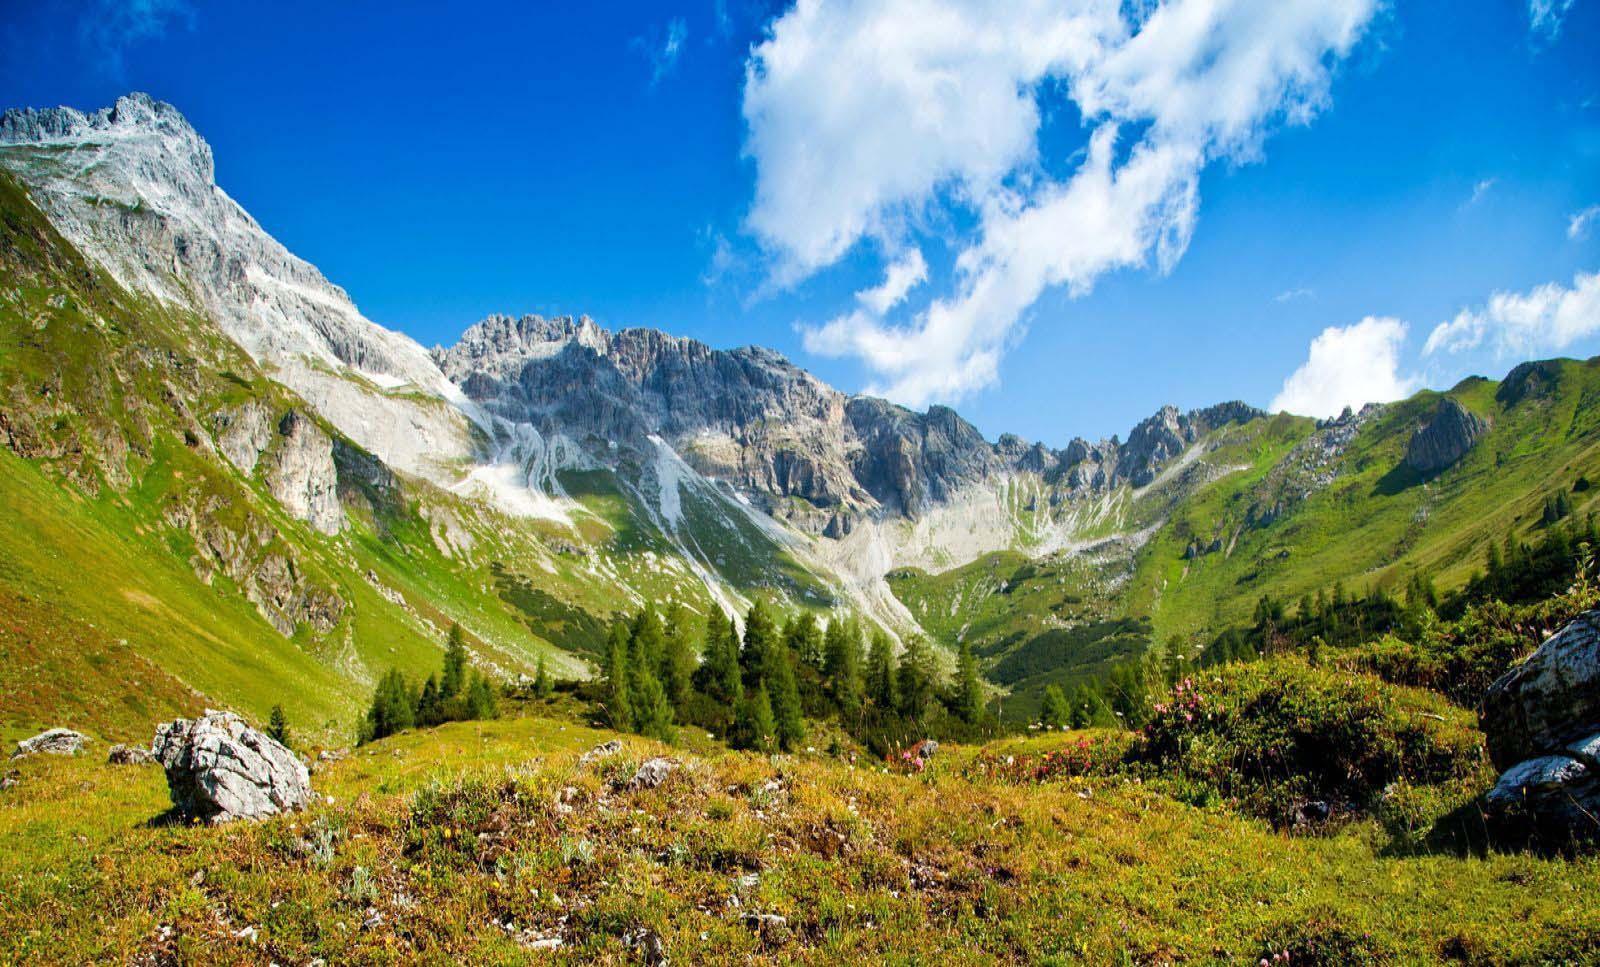 Hình ảnh thiên nhiên núi đồi đẹp nhất